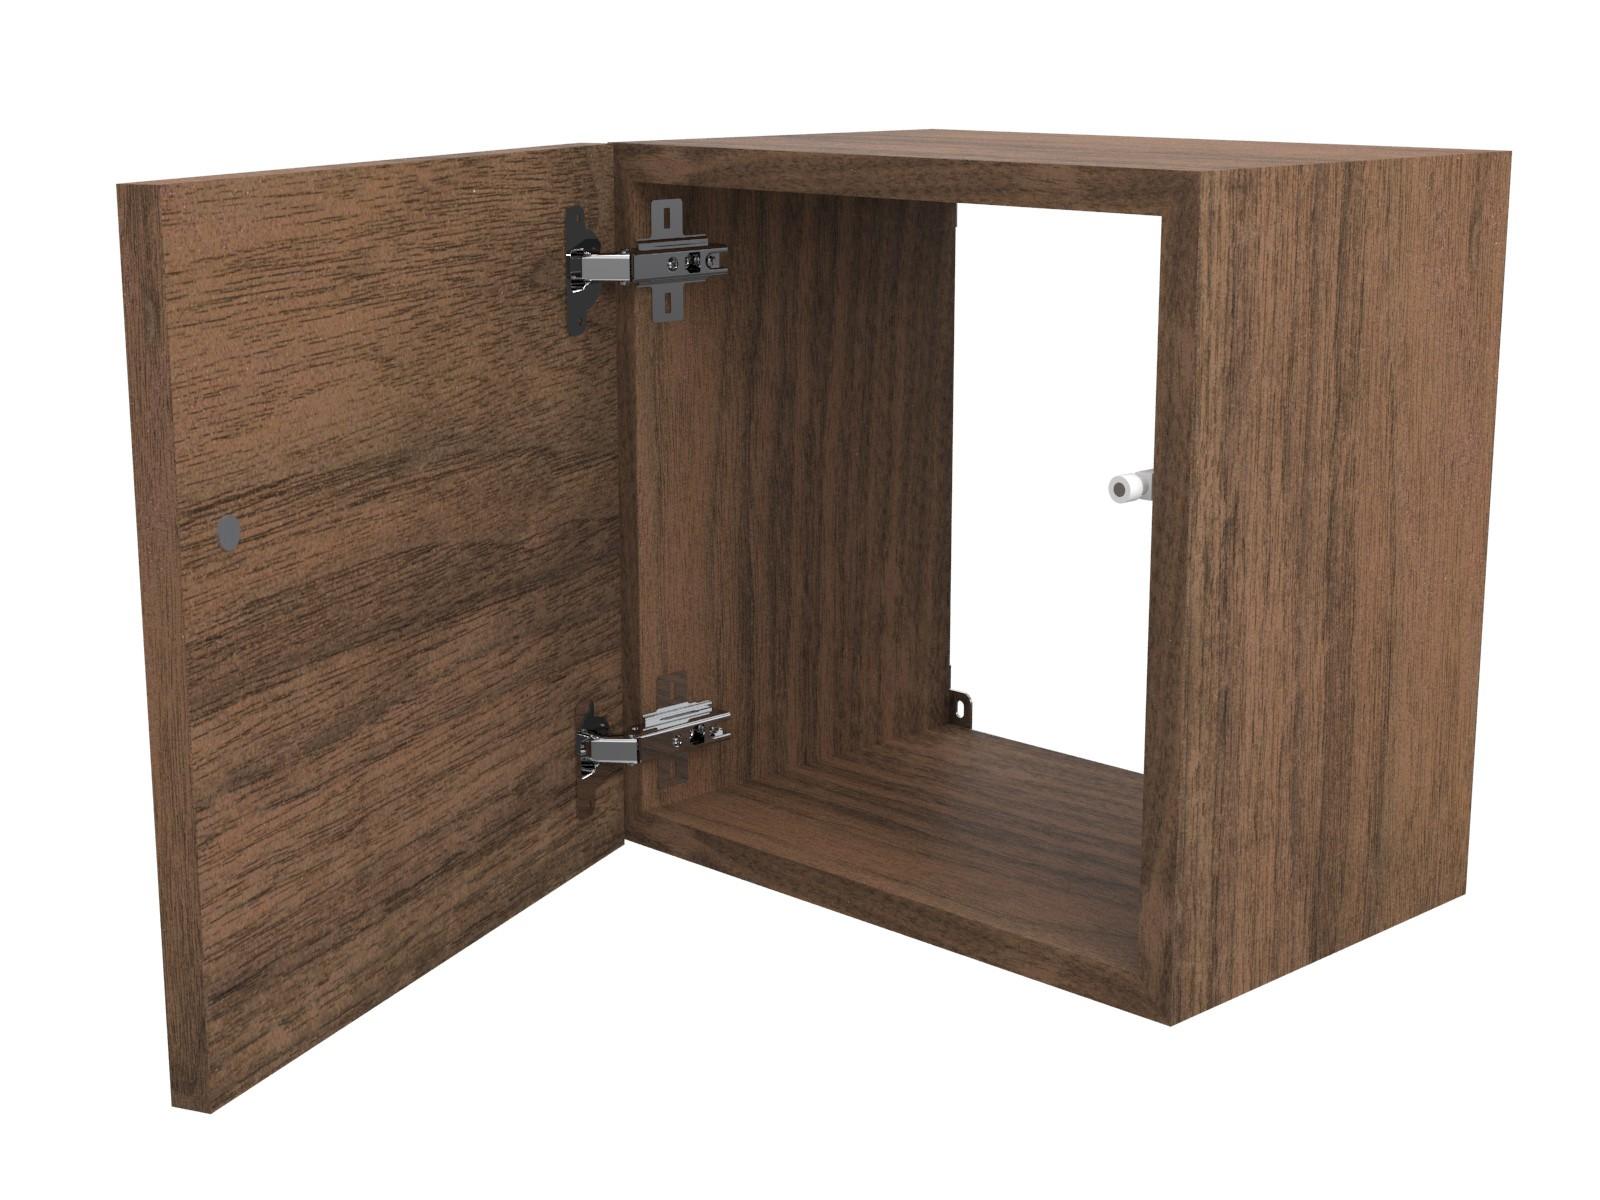 Cubi in legno 35x35 cm arredo design con sportello e for Cubi in legno arredamento